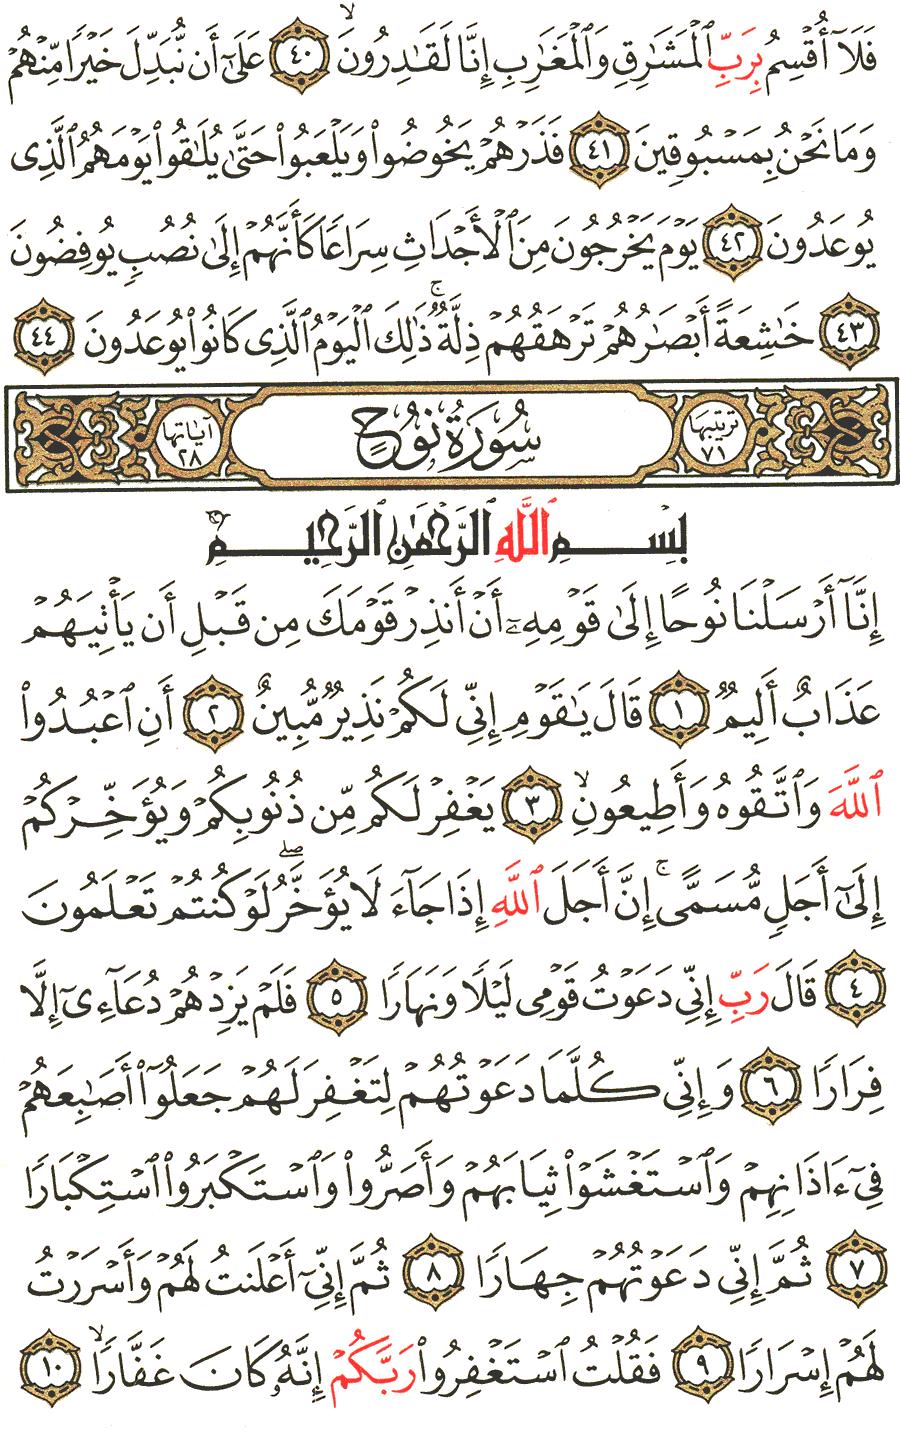 الصفحة رقم 570 من القرآن الكريم مكتوبة من المصحف